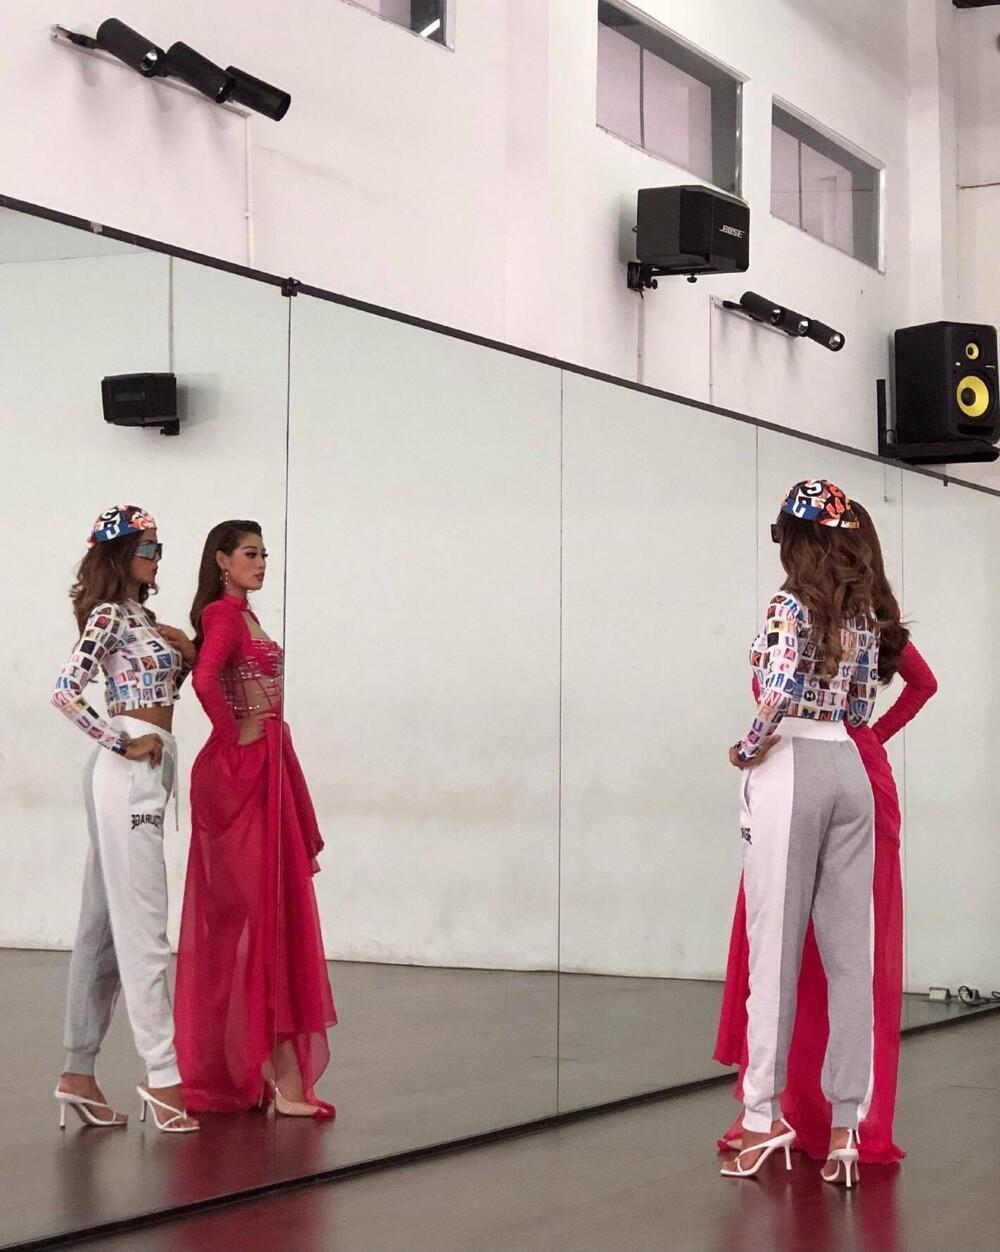 Khánh Vân luyện catwalk cùng H'Hen Niê, hô vang 'Việt Nam' trong niềm tự hào: Fan khen ngợi body gợi cảm Ảnh 3